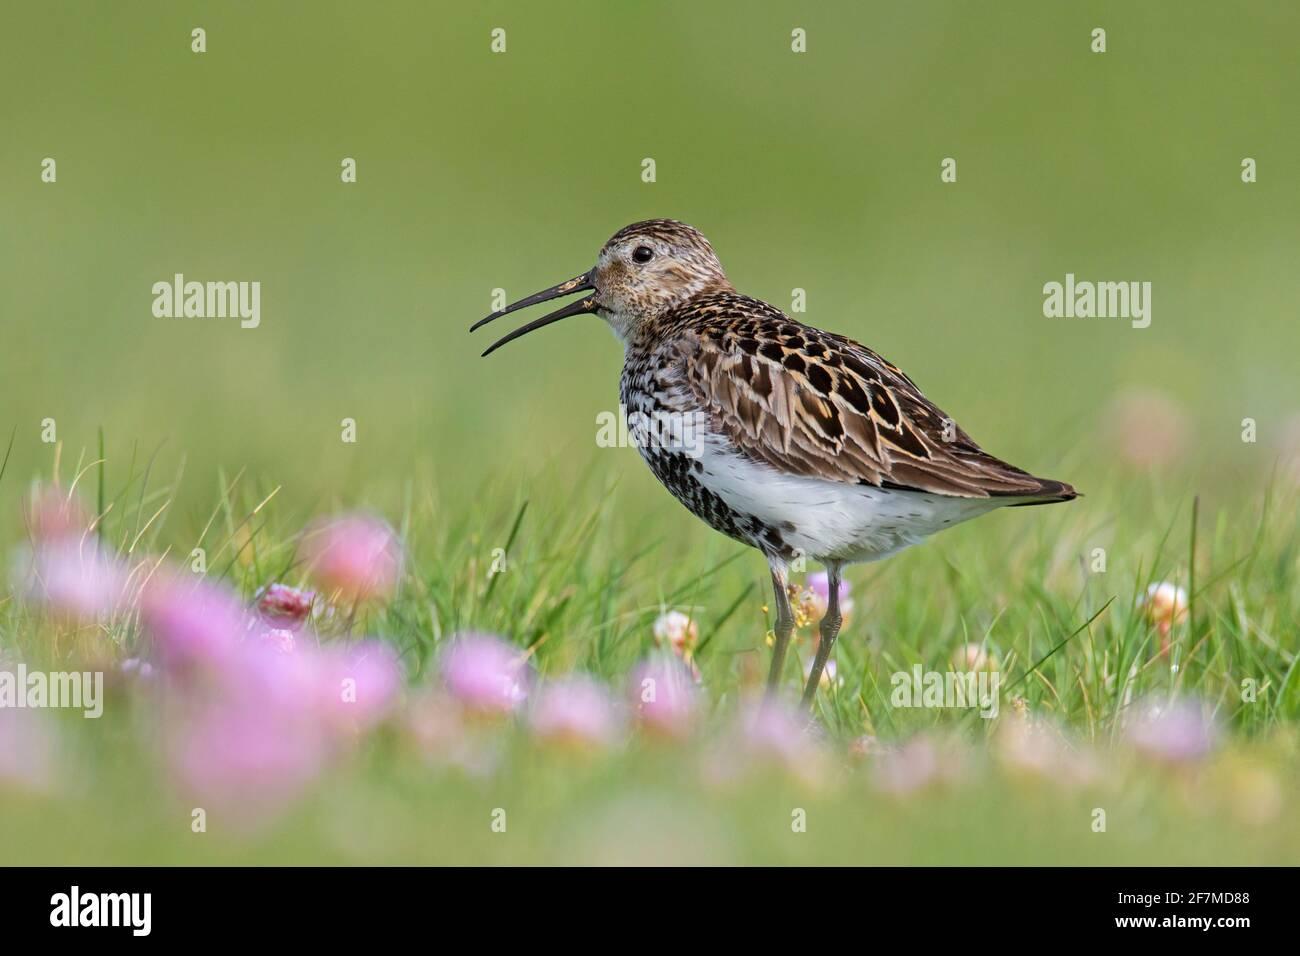 Dunlin (Calidris alpina schinzii) dans la reproduction plumage appelant dans les prairies avec thrift de mer / rose de mer floraison en été, Islande Banque D'Images